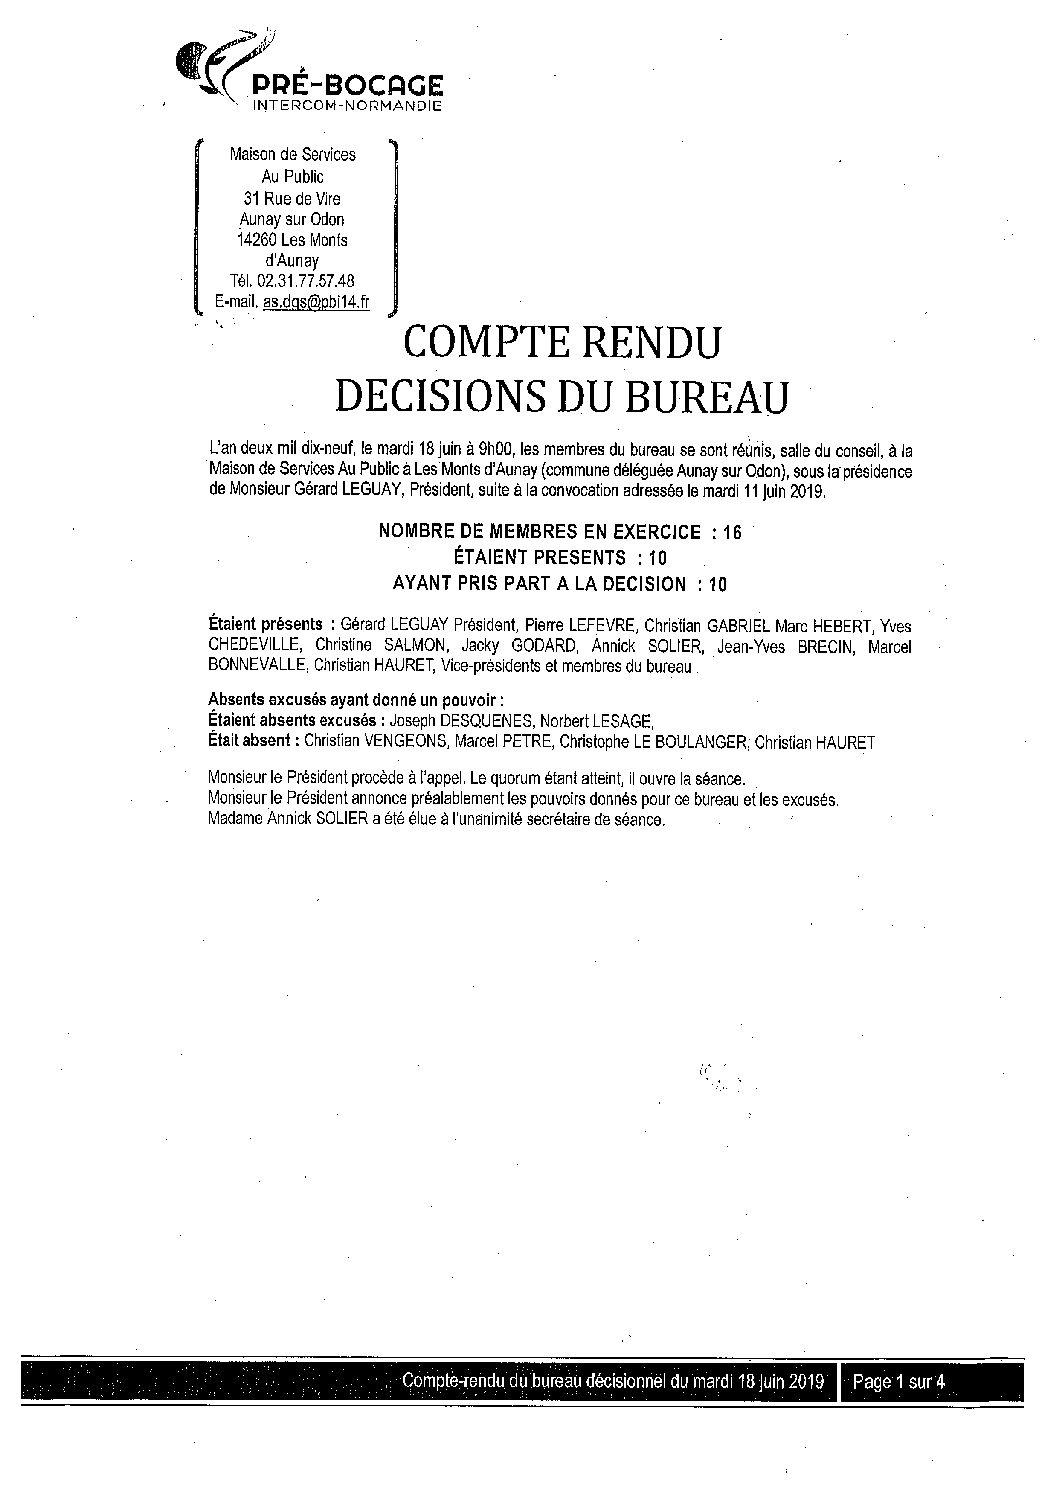 CR Bureau du 18 juin 2019